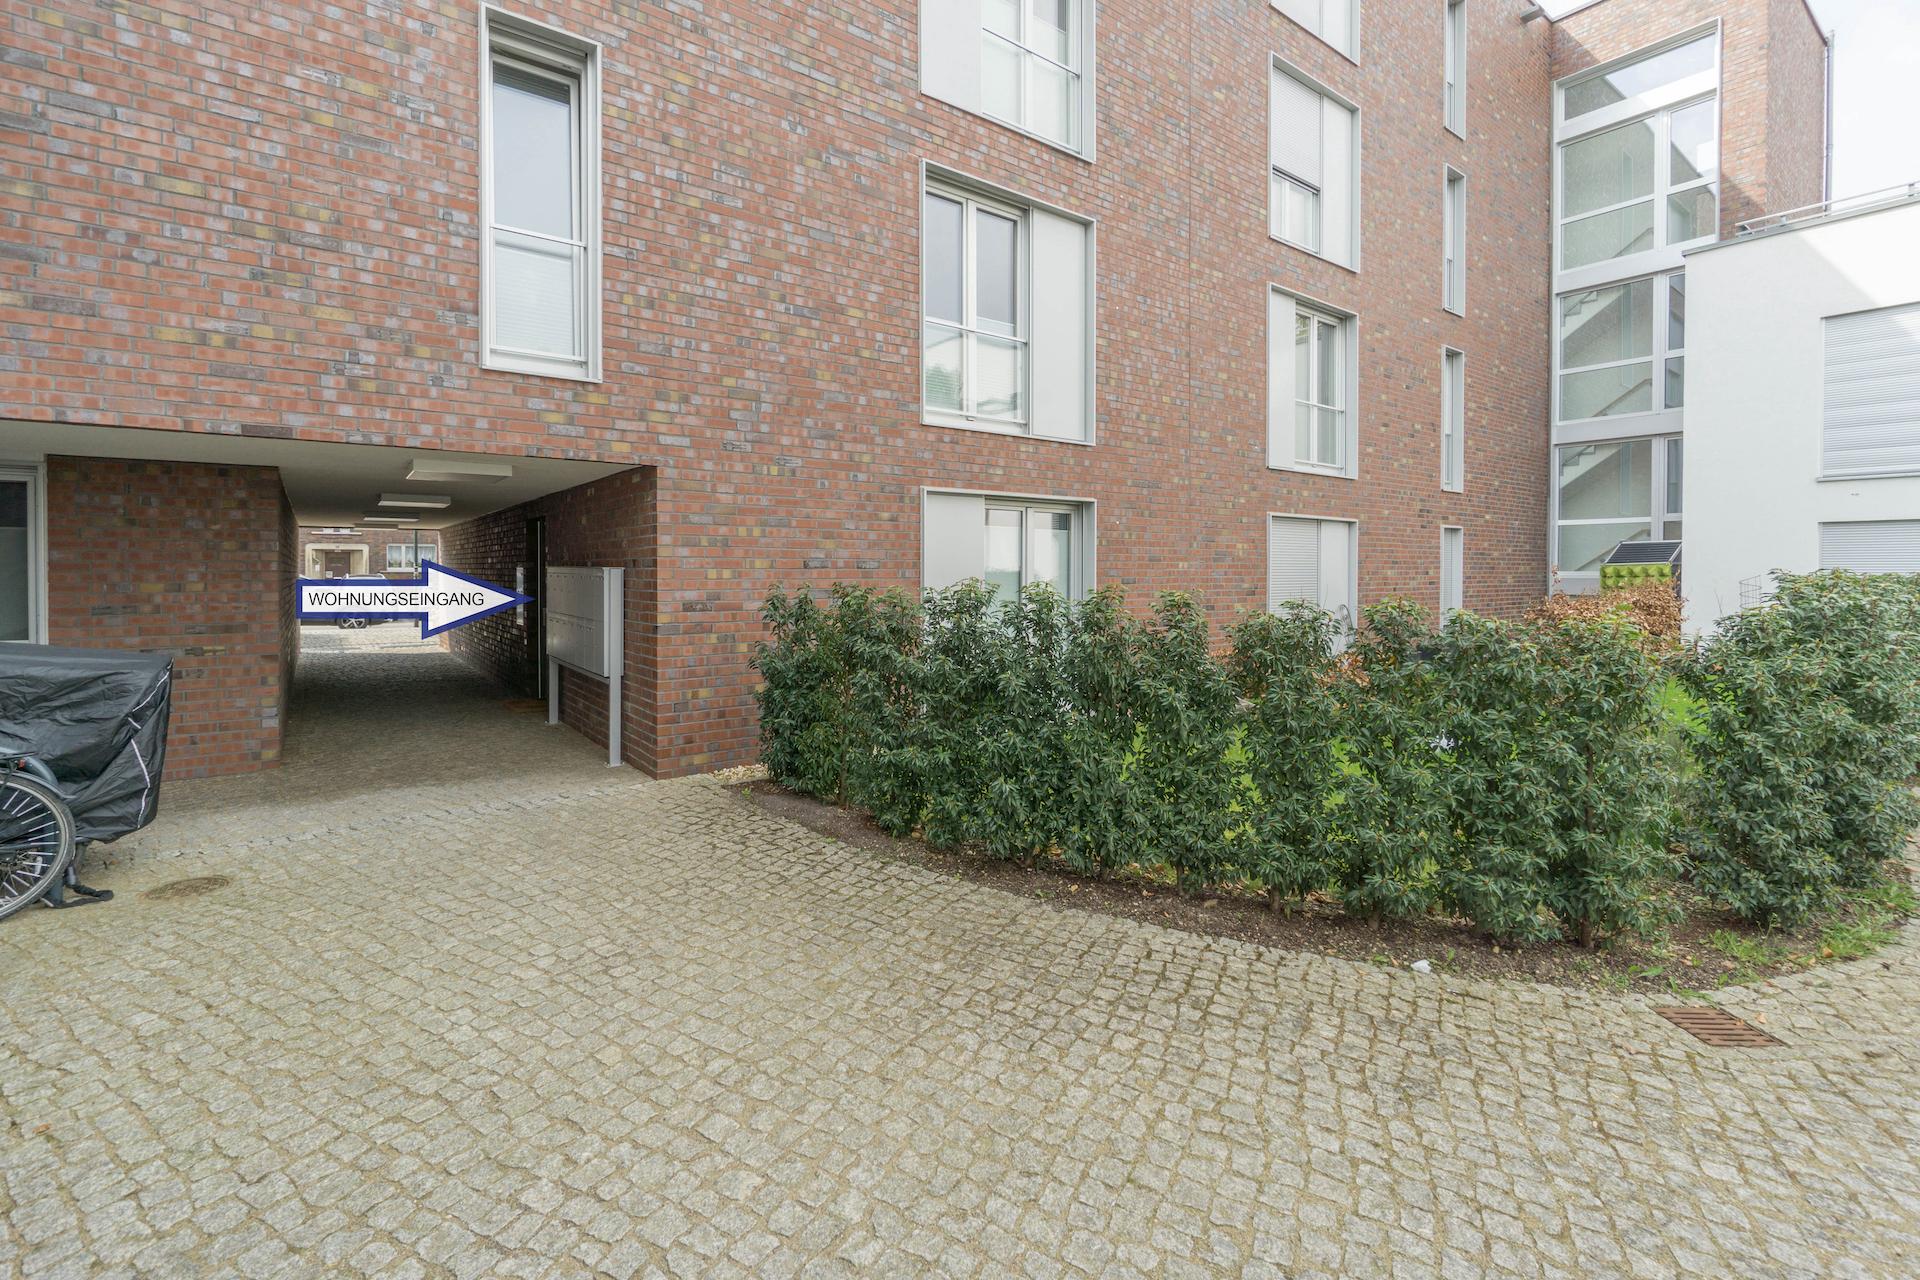 Vollmöblierte 2-Zimmerwohnung mit Garten, Tiefgarage und eigenem Eingang